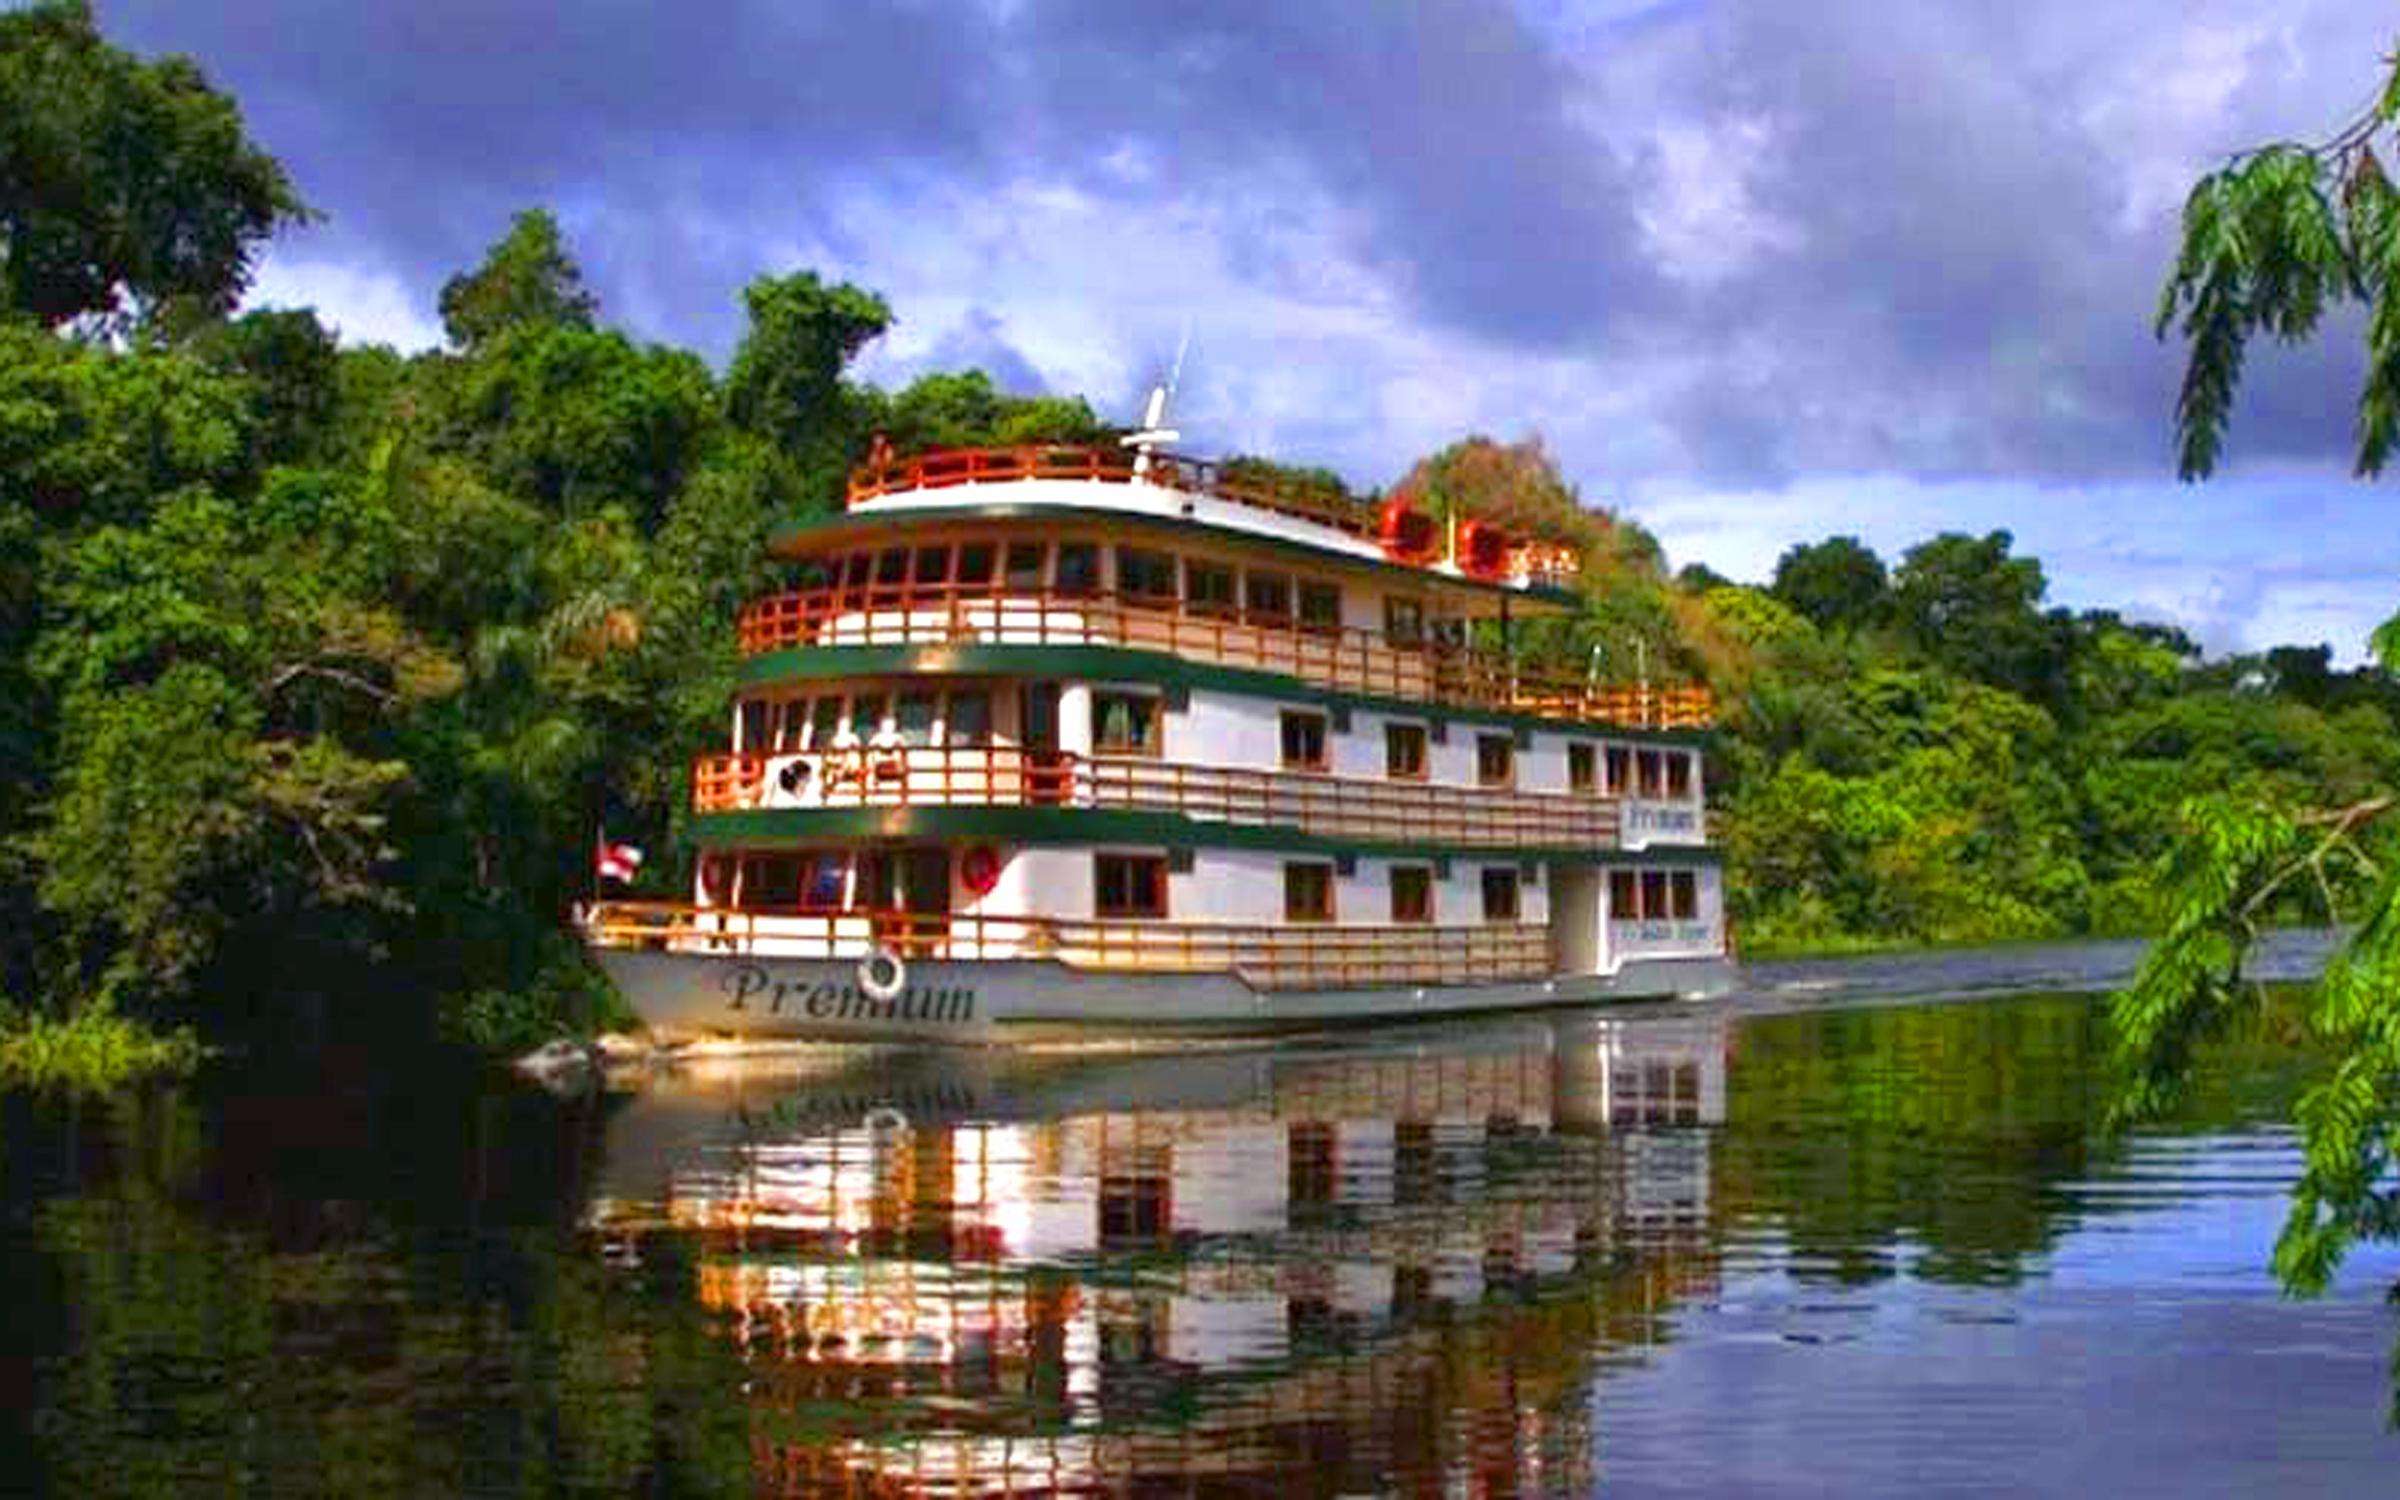 Crucero por el Amazonas, Sudamérica.